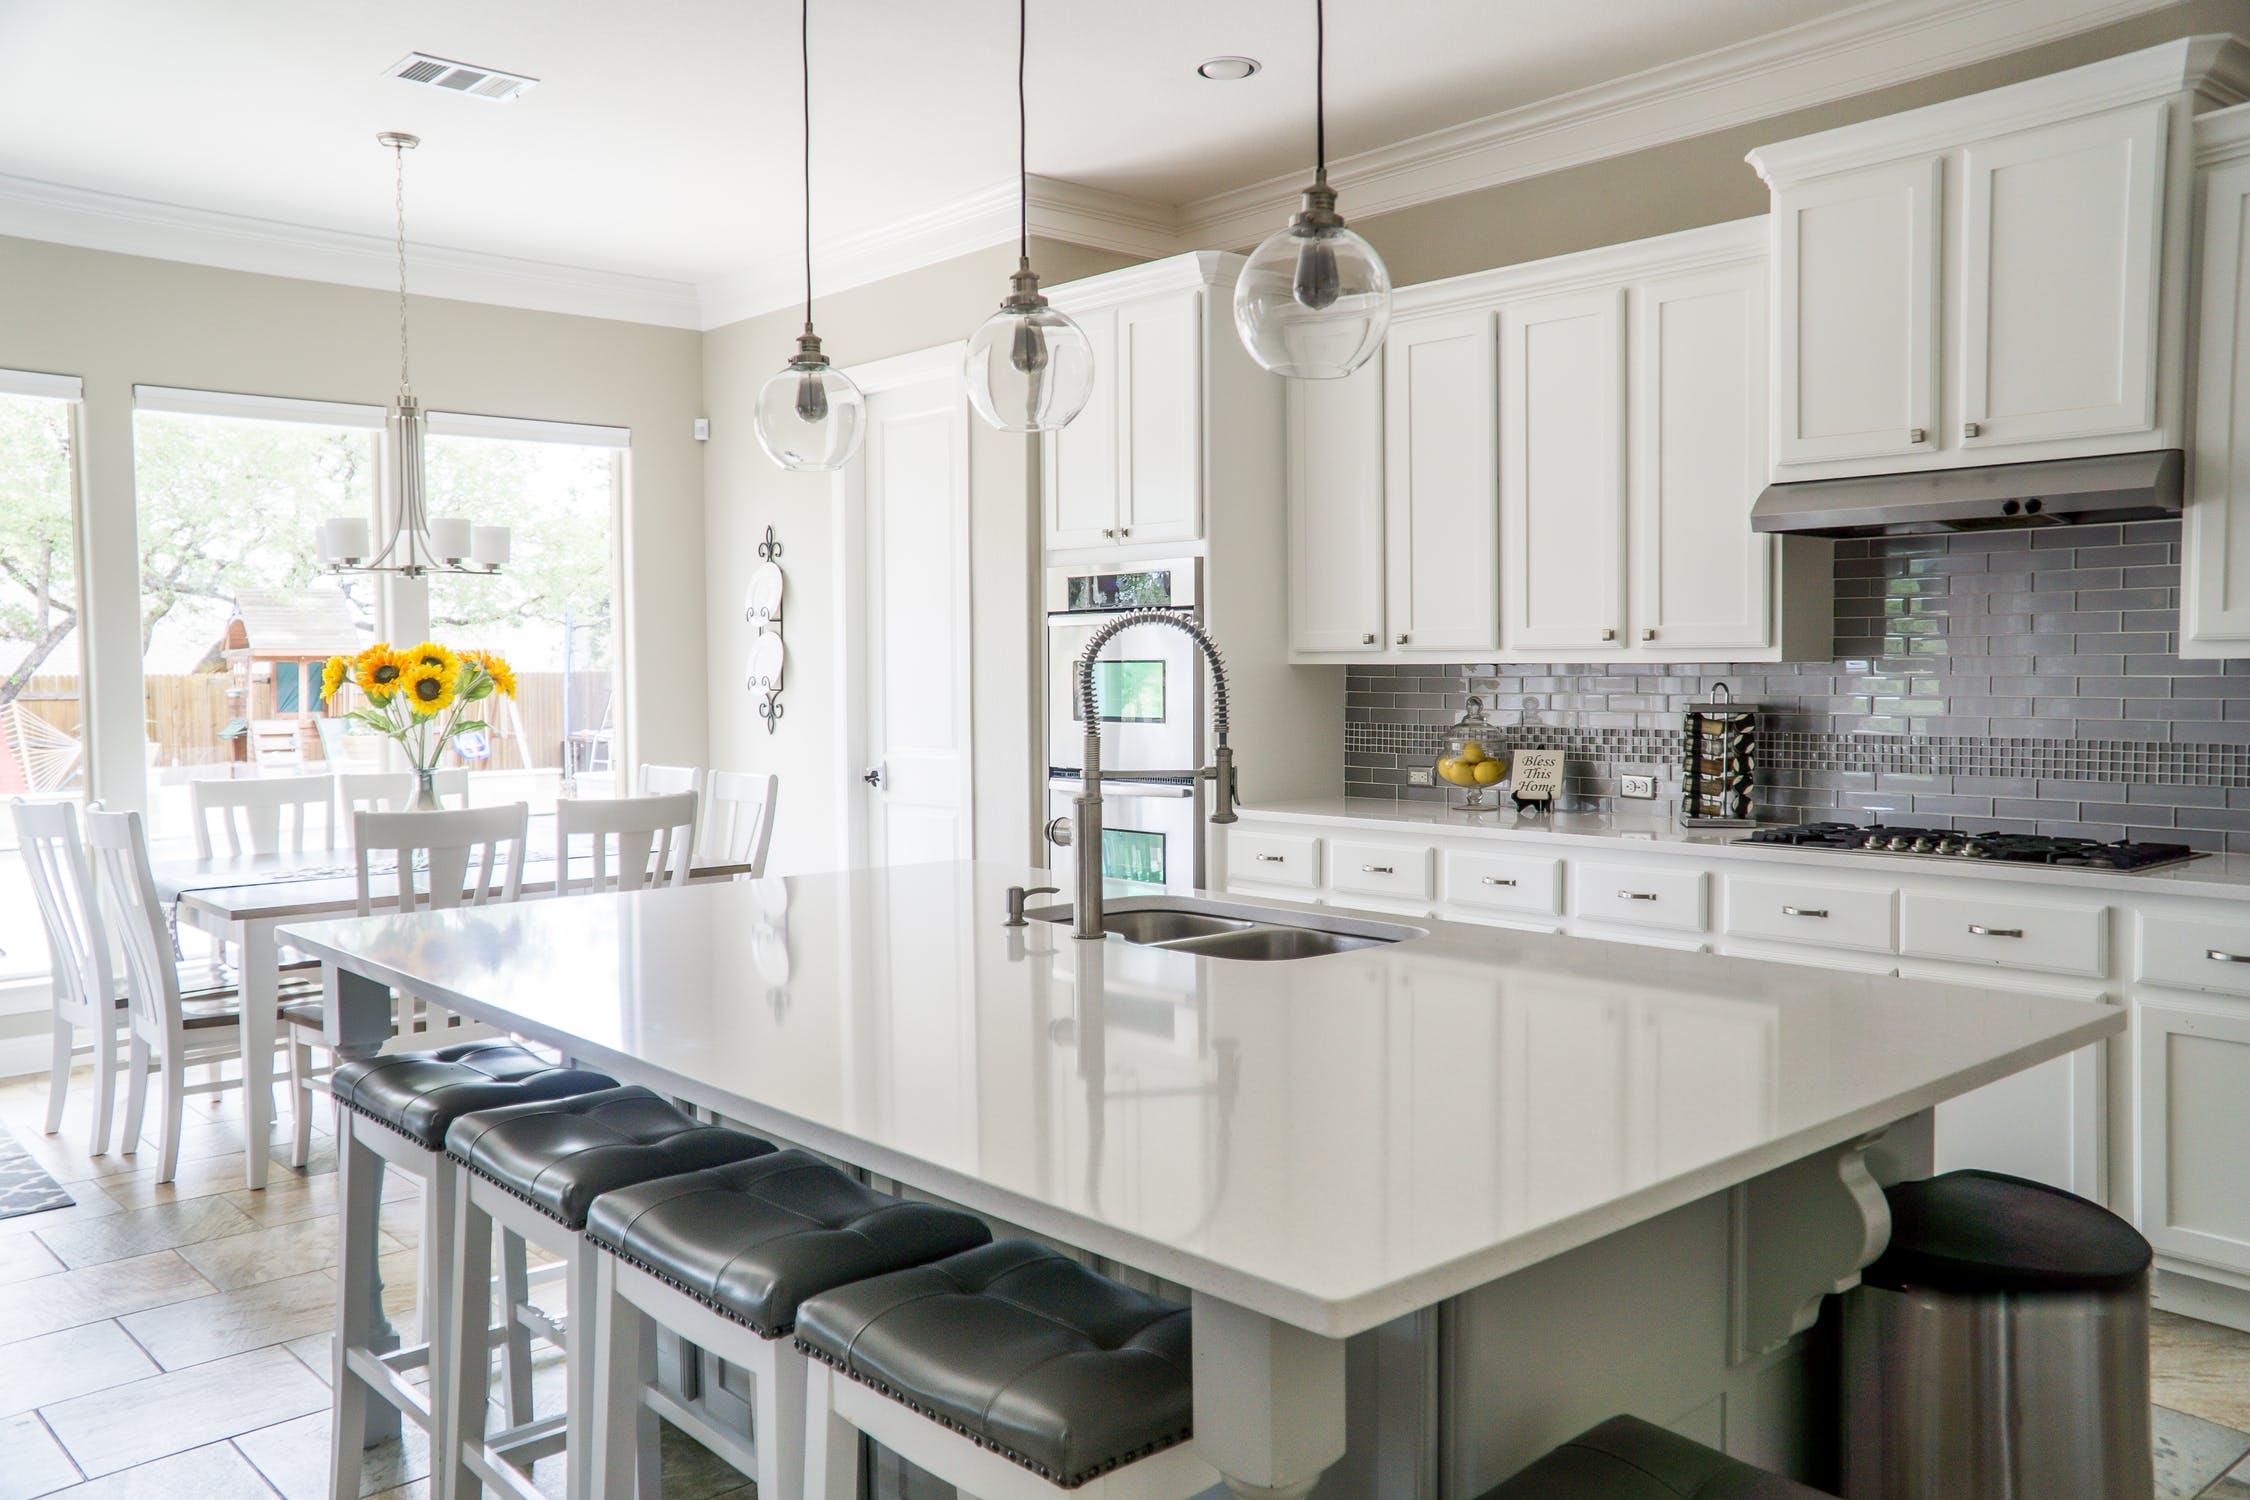 Verbazingwekkend Je keuken een budget make-over geven in 5 stappen - Ondernemers CB-01